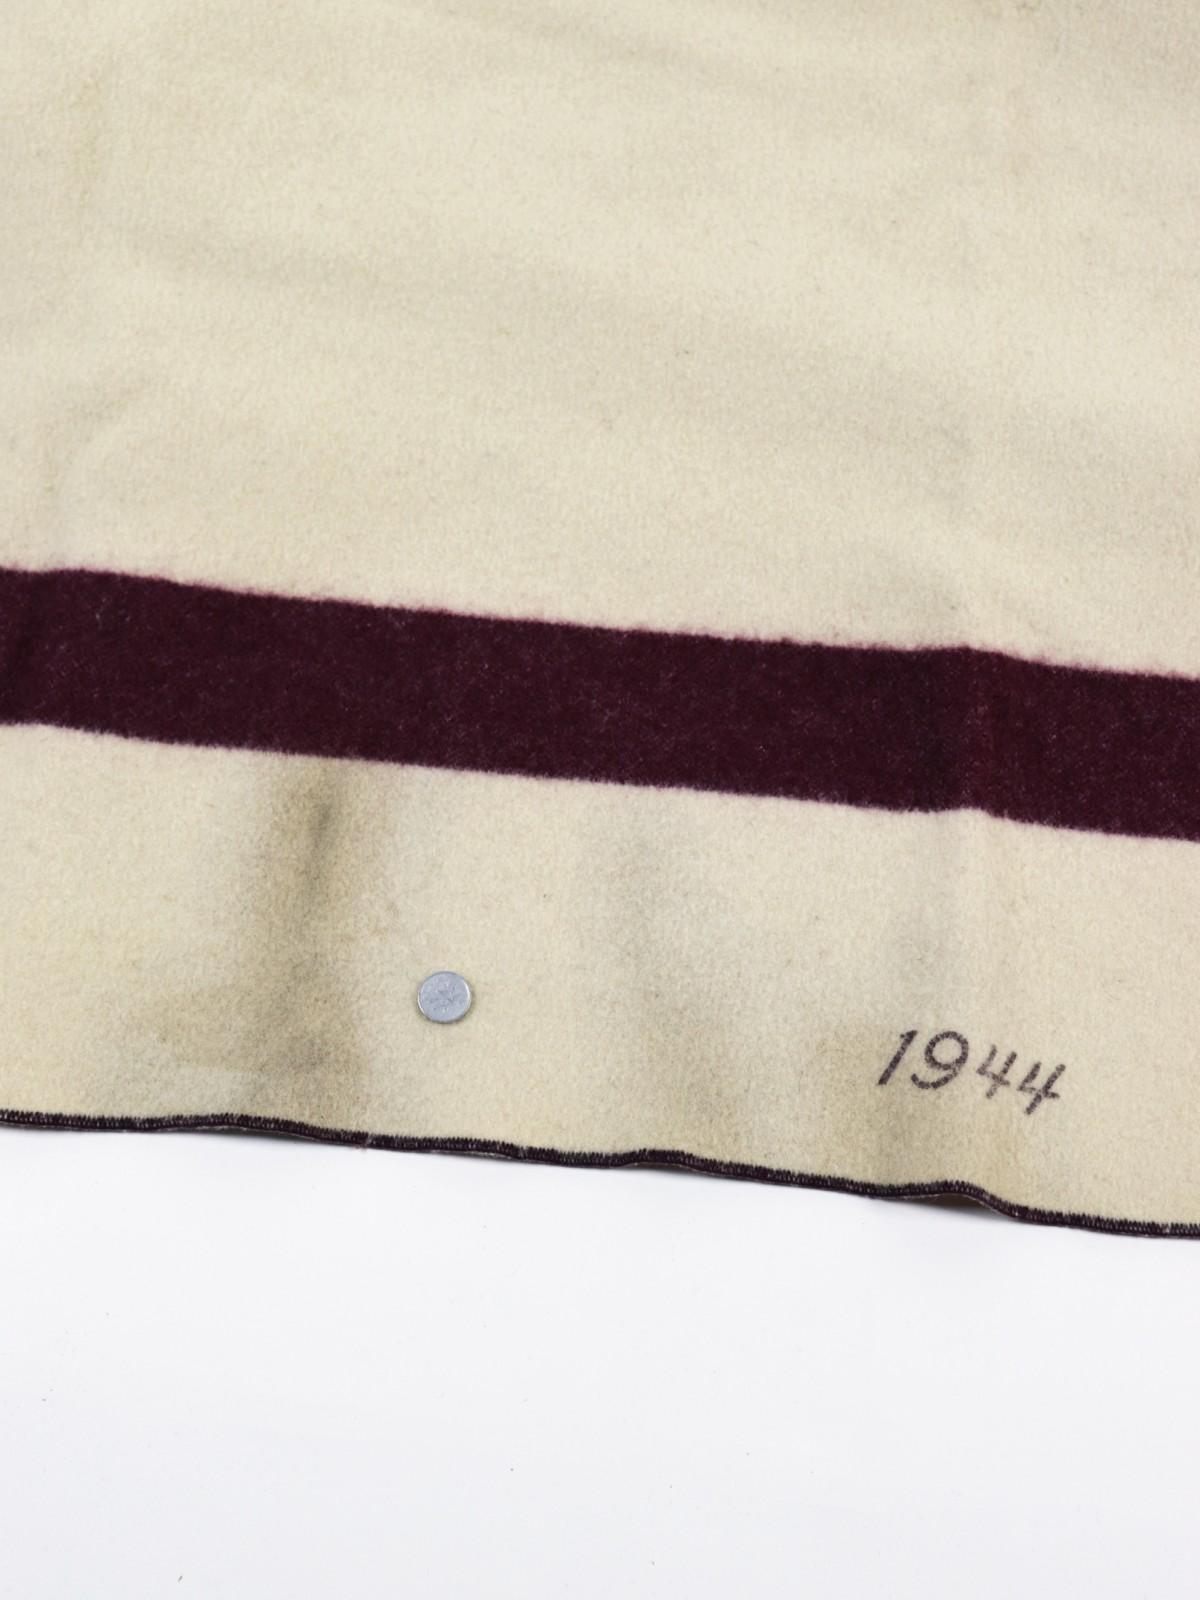 USM, Blanket,1944